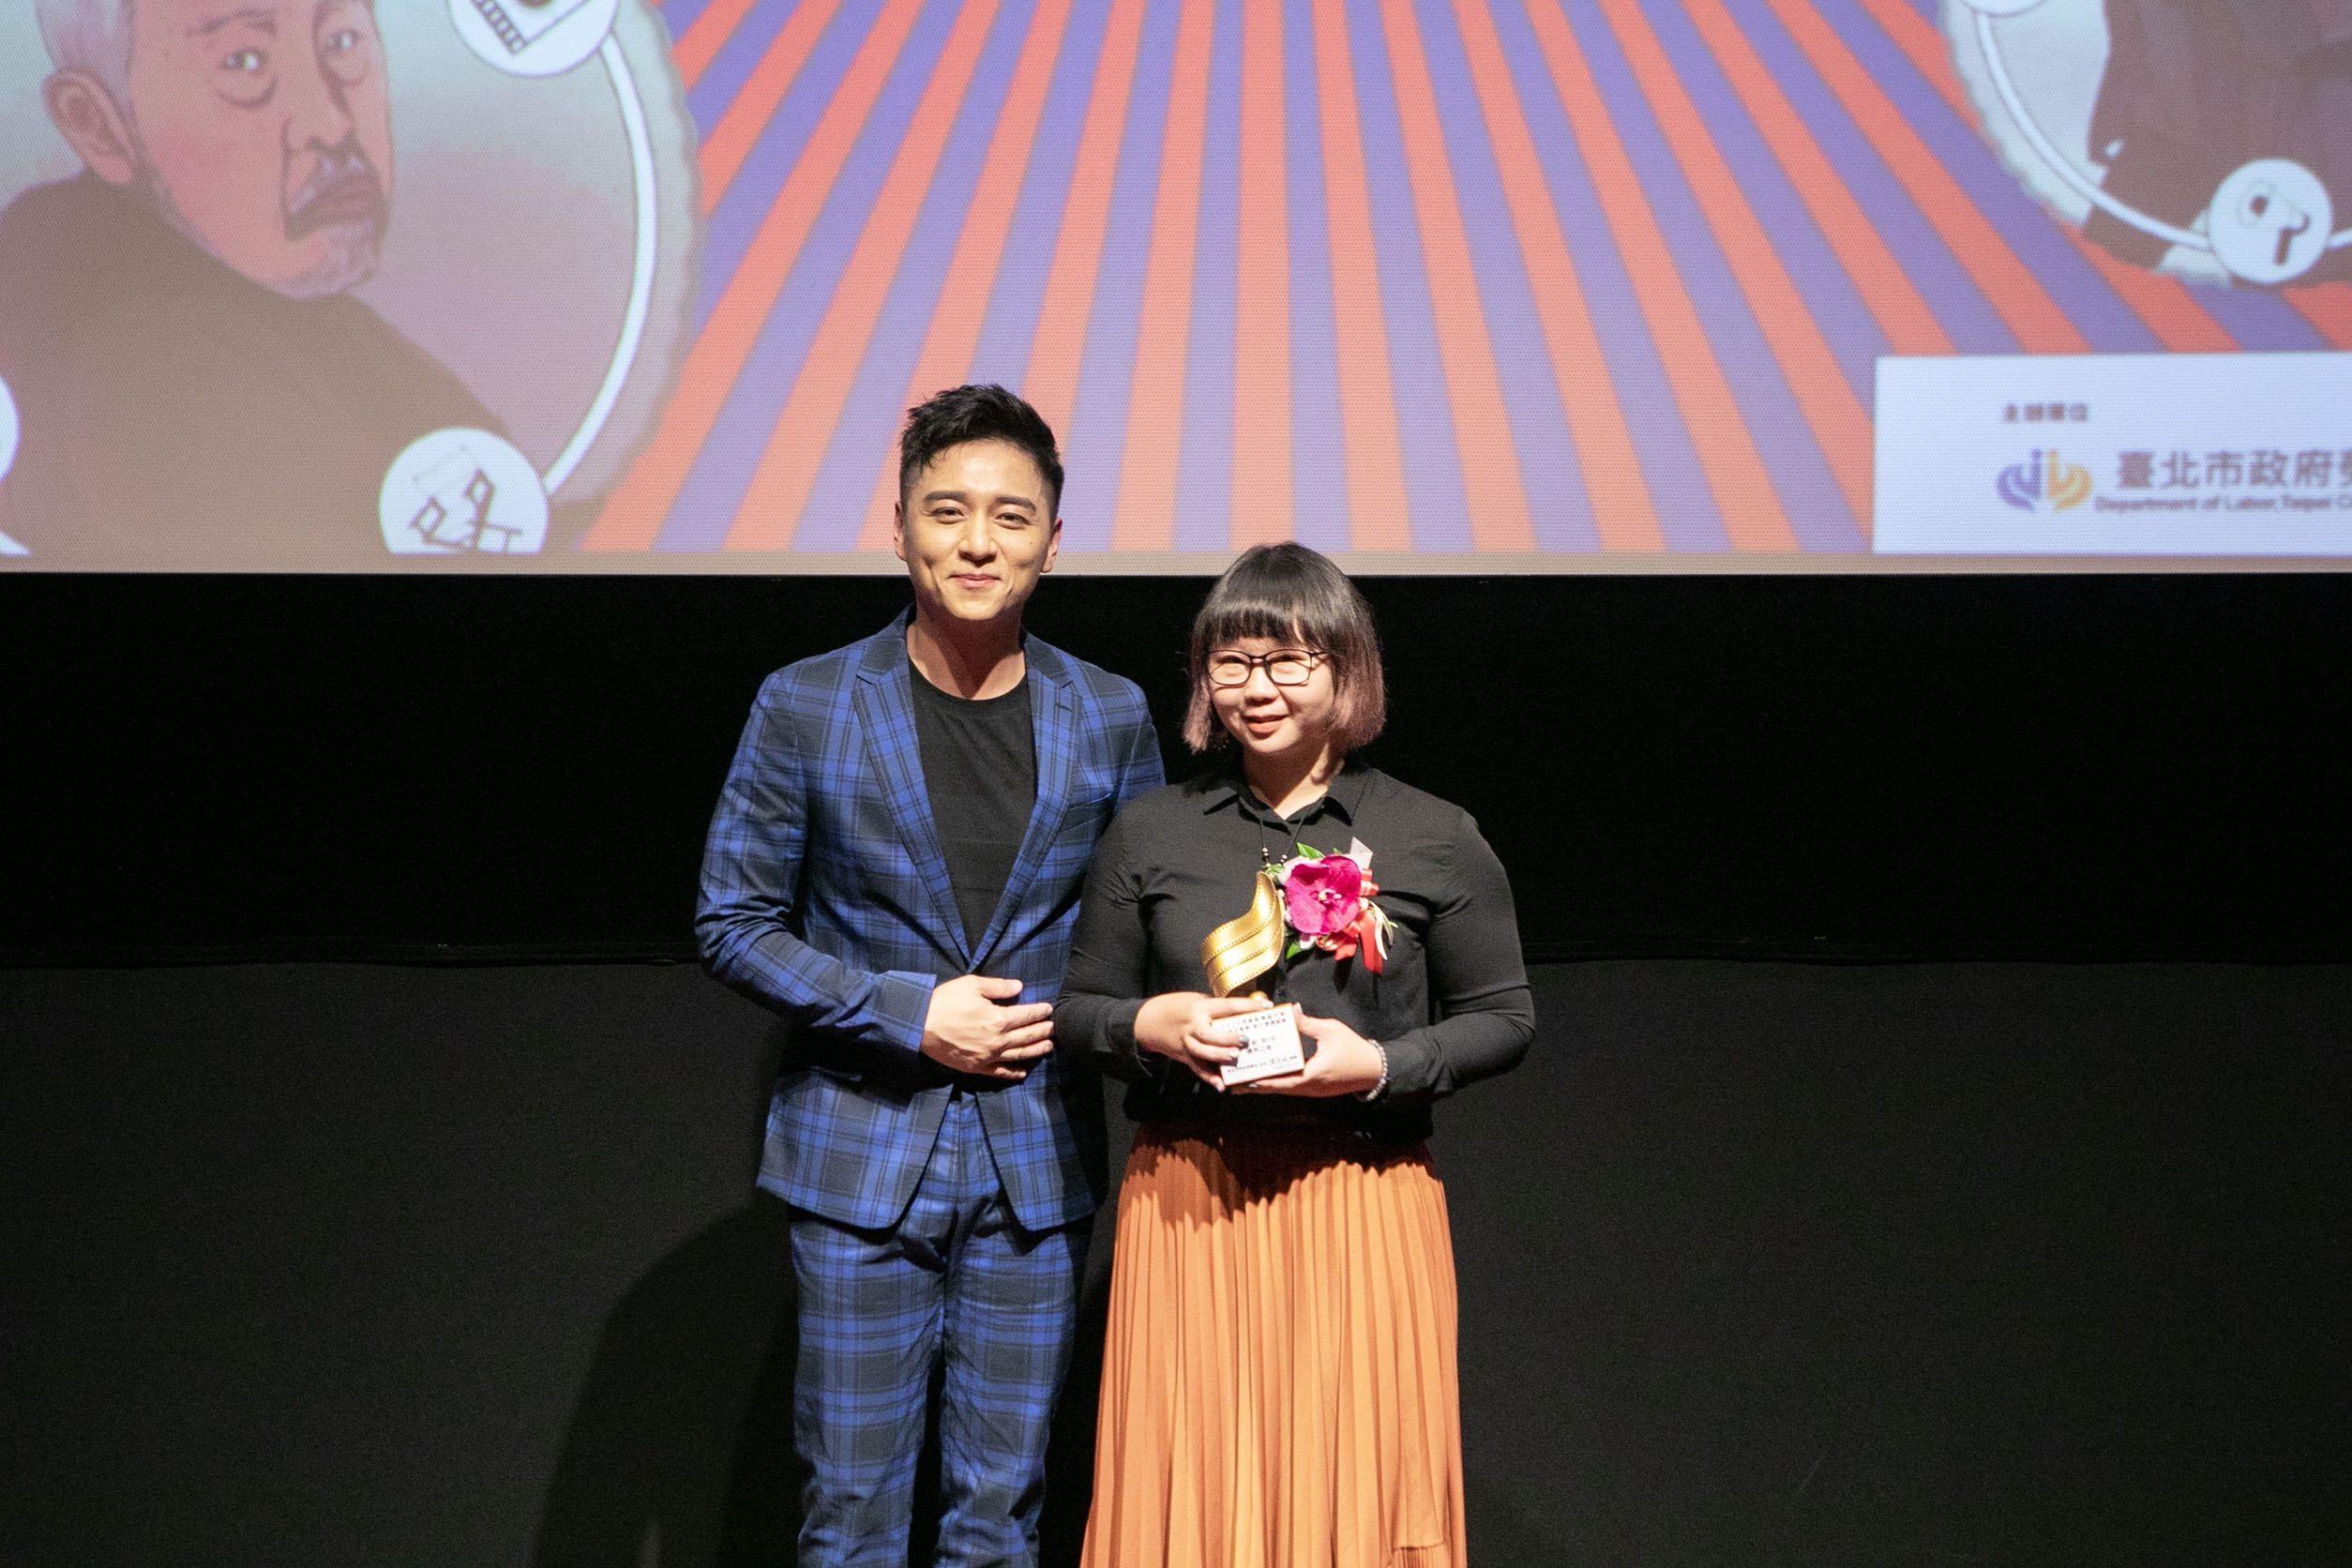 代言人鄭人碩頒發短片組第2名予吳冠穎執導《鄉外之地》